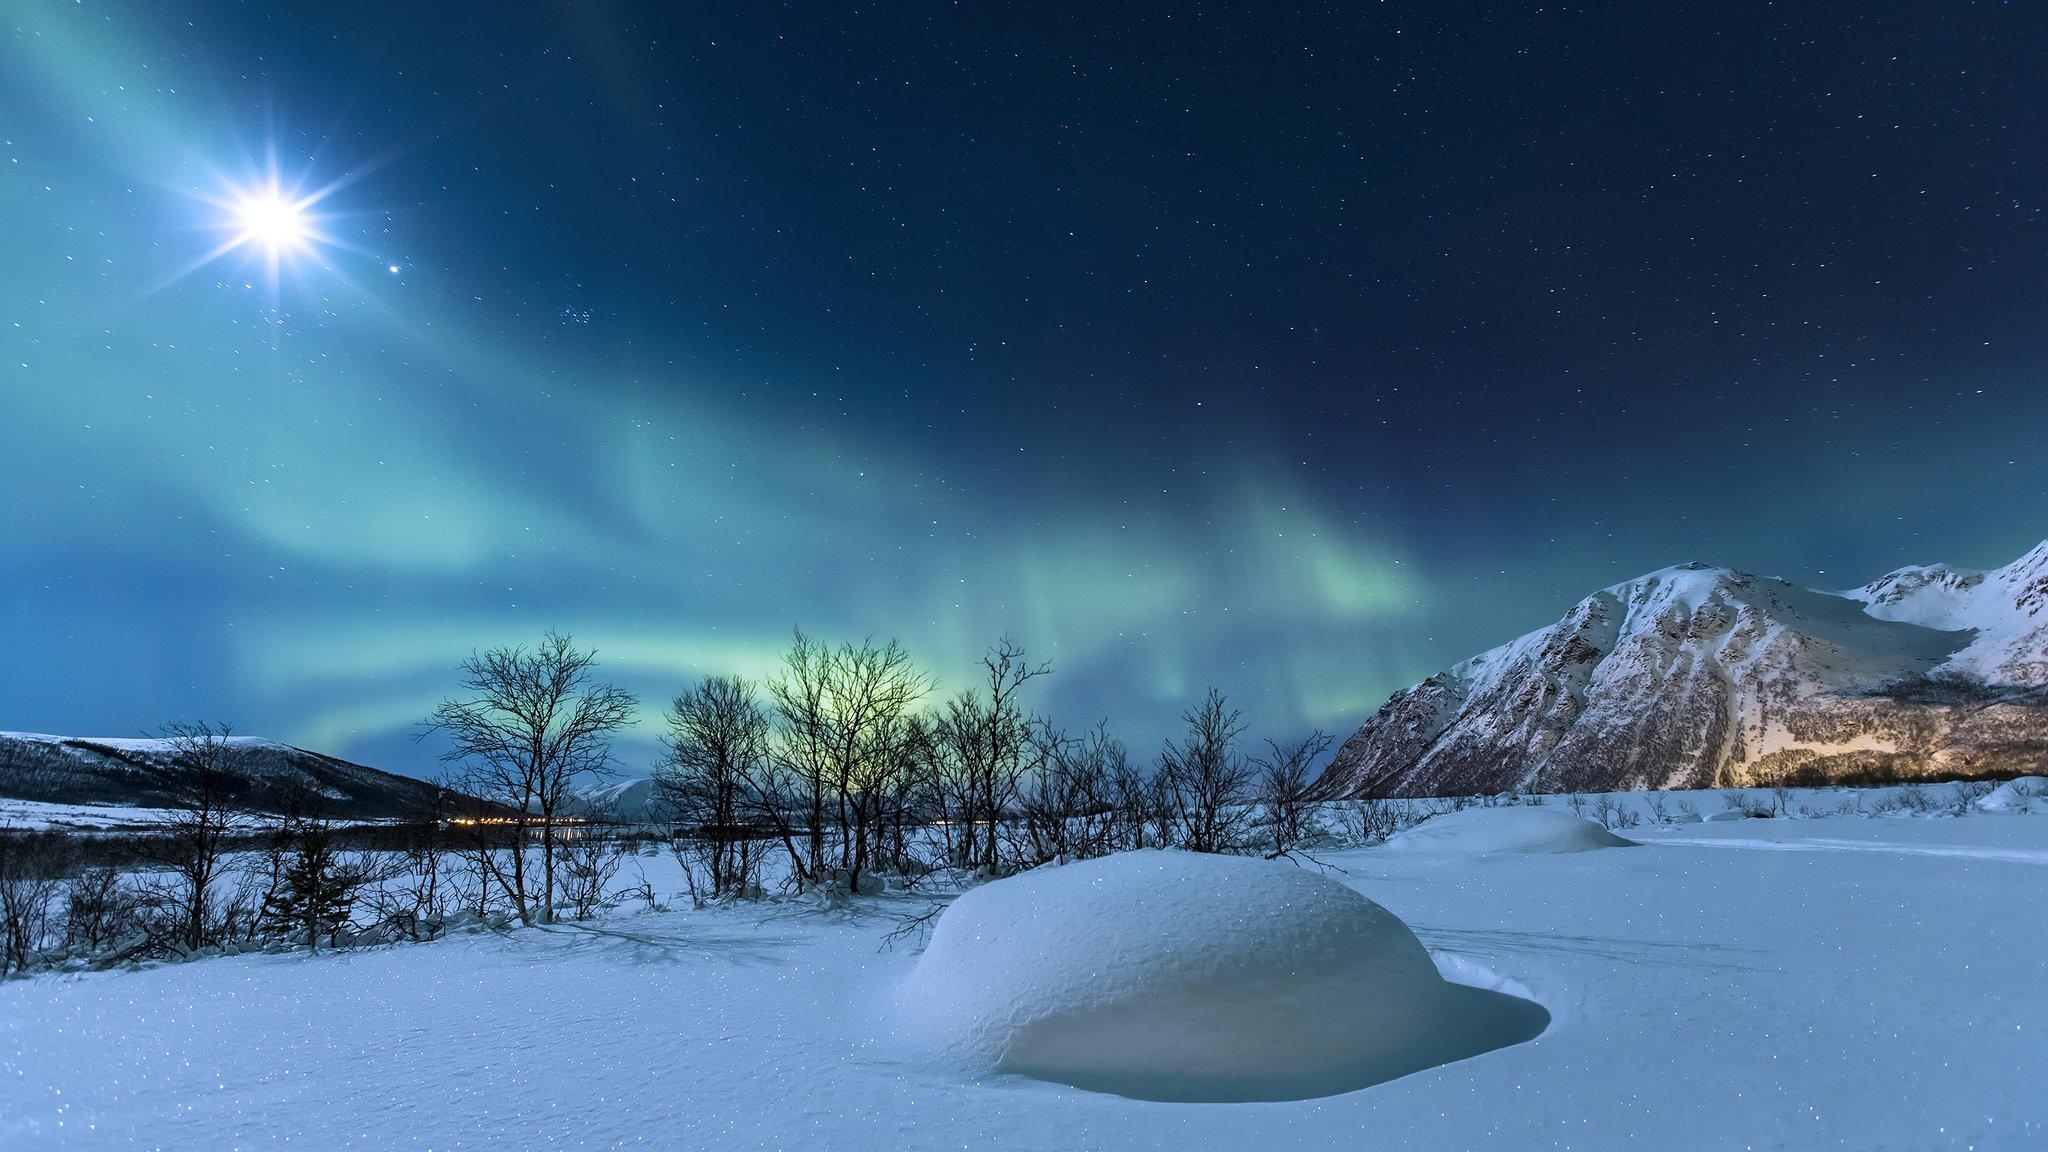 """Lento ma decisivo il raffreddamento dell'area siberiana, la """"fabbrica del gelo"""" scalda i motori [FOTO]"""